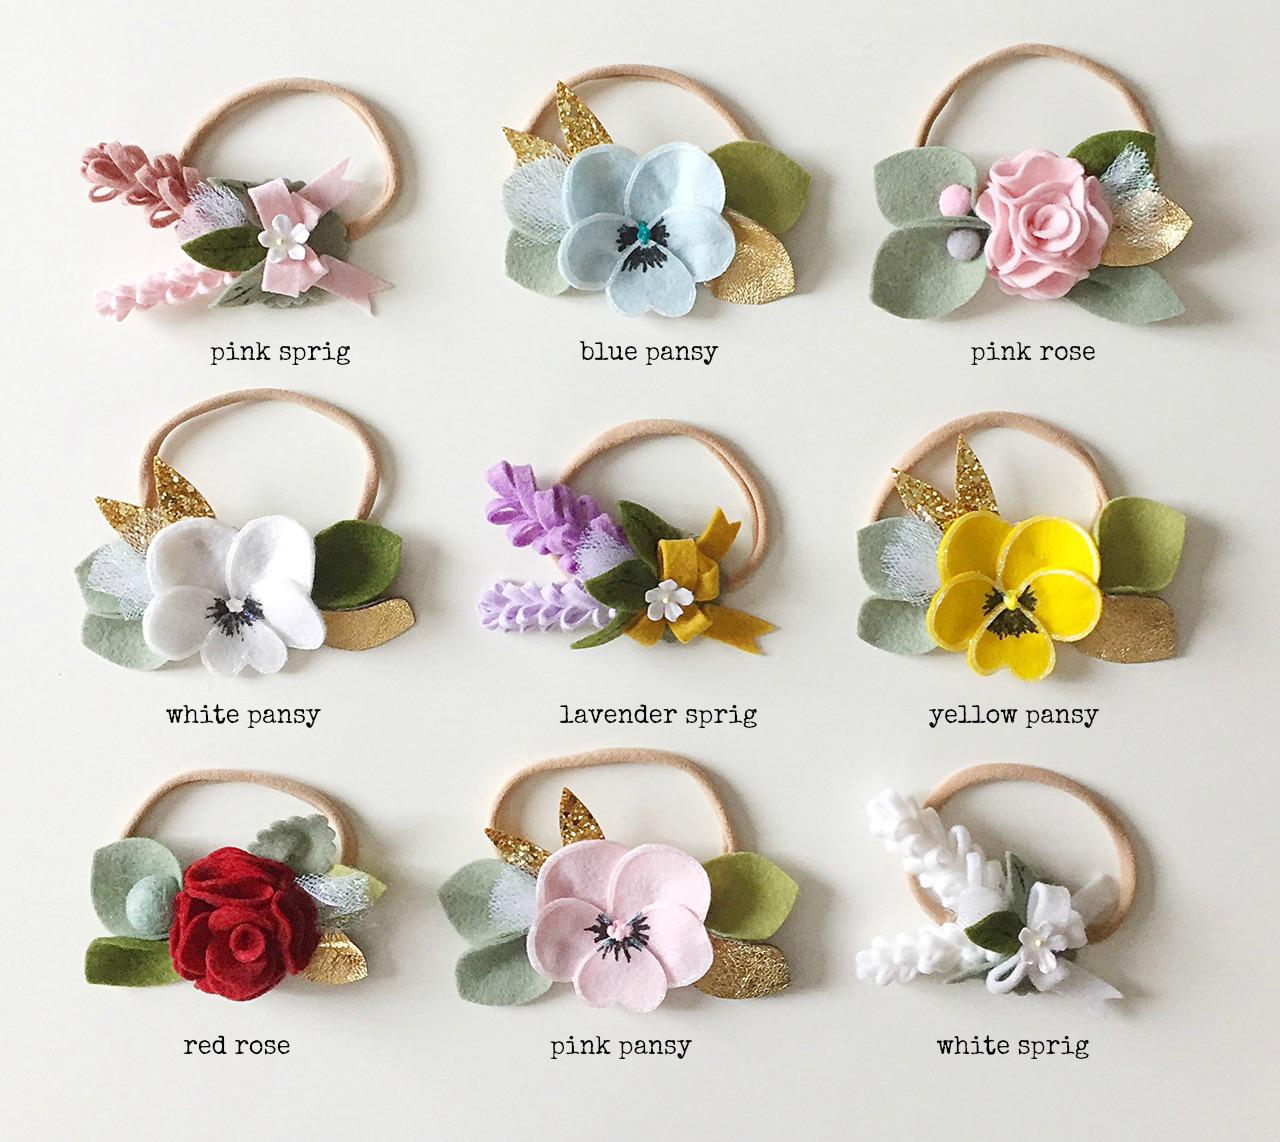 Felt Flower Headbands #marthastewartweddings #laurenconrad www.giddyupandgrow.etsy.com #feltflowerheadbands